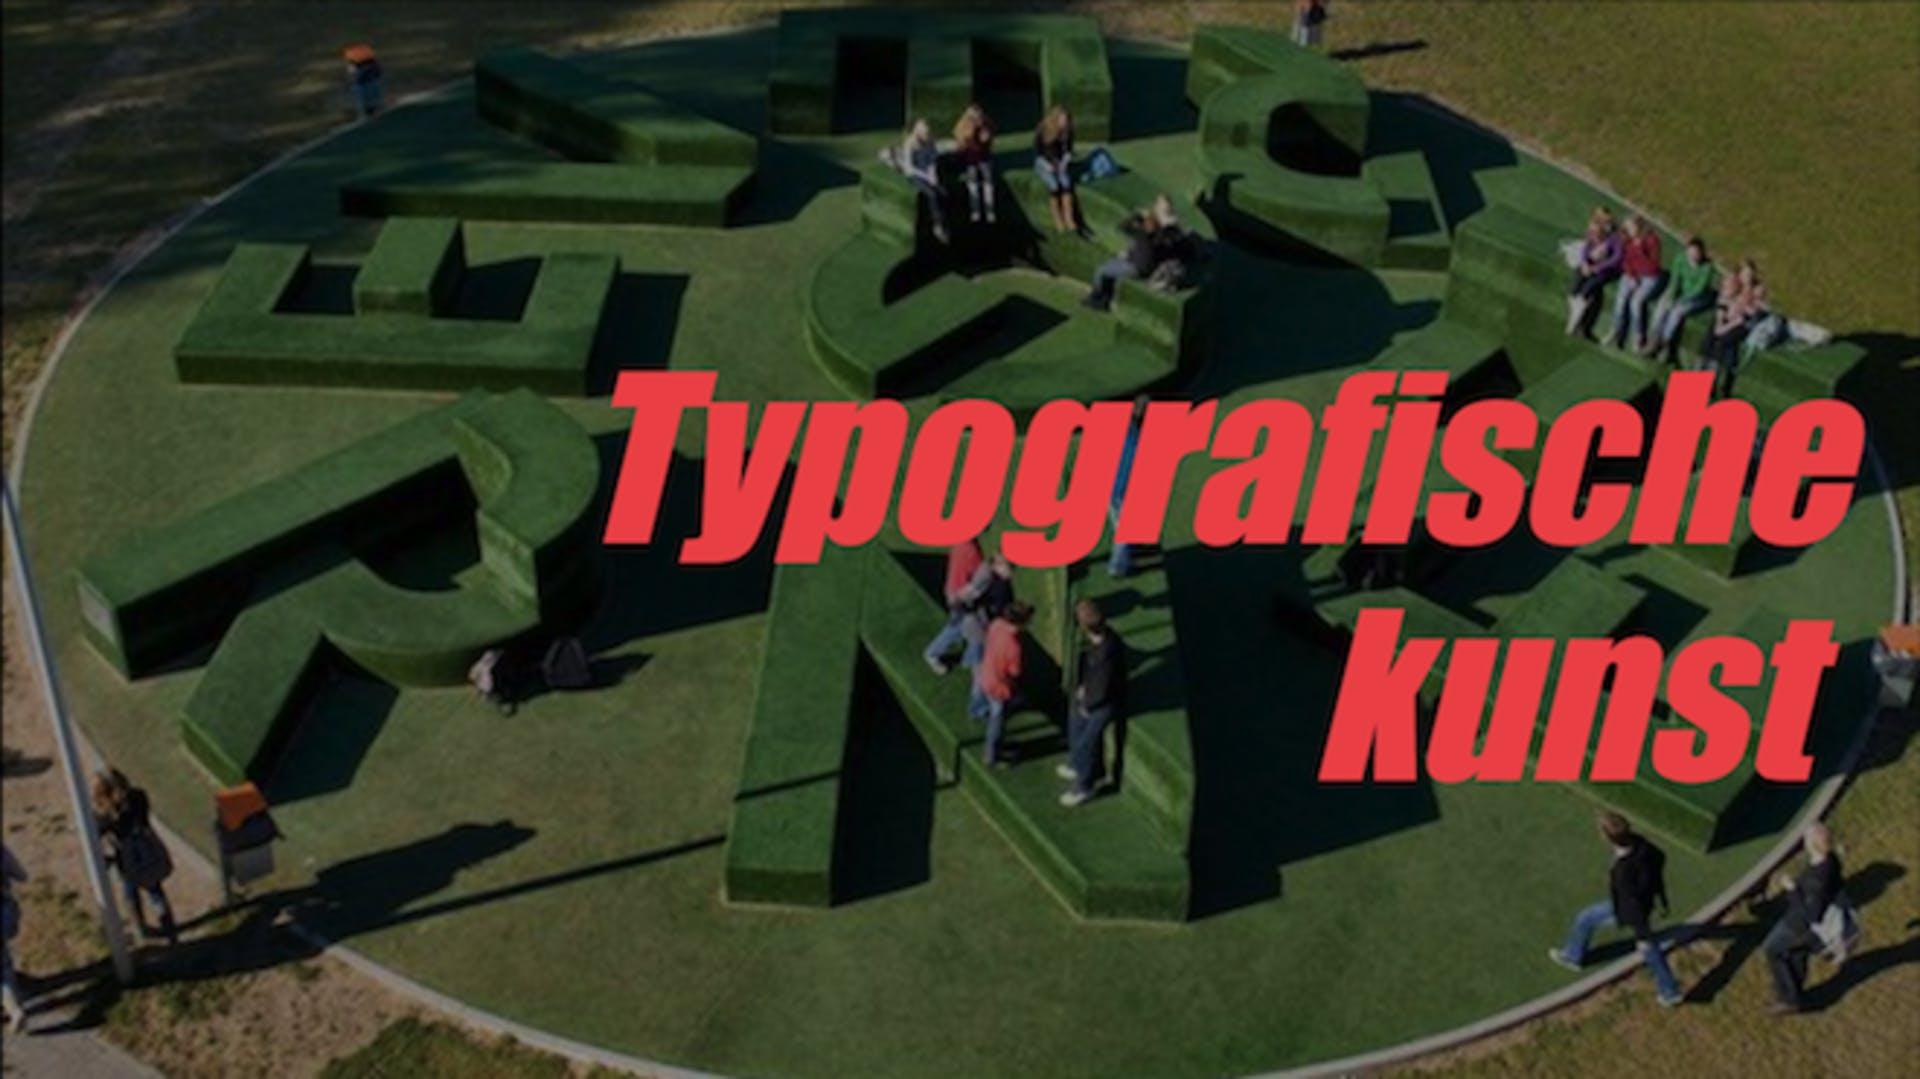 Les typografische kunst